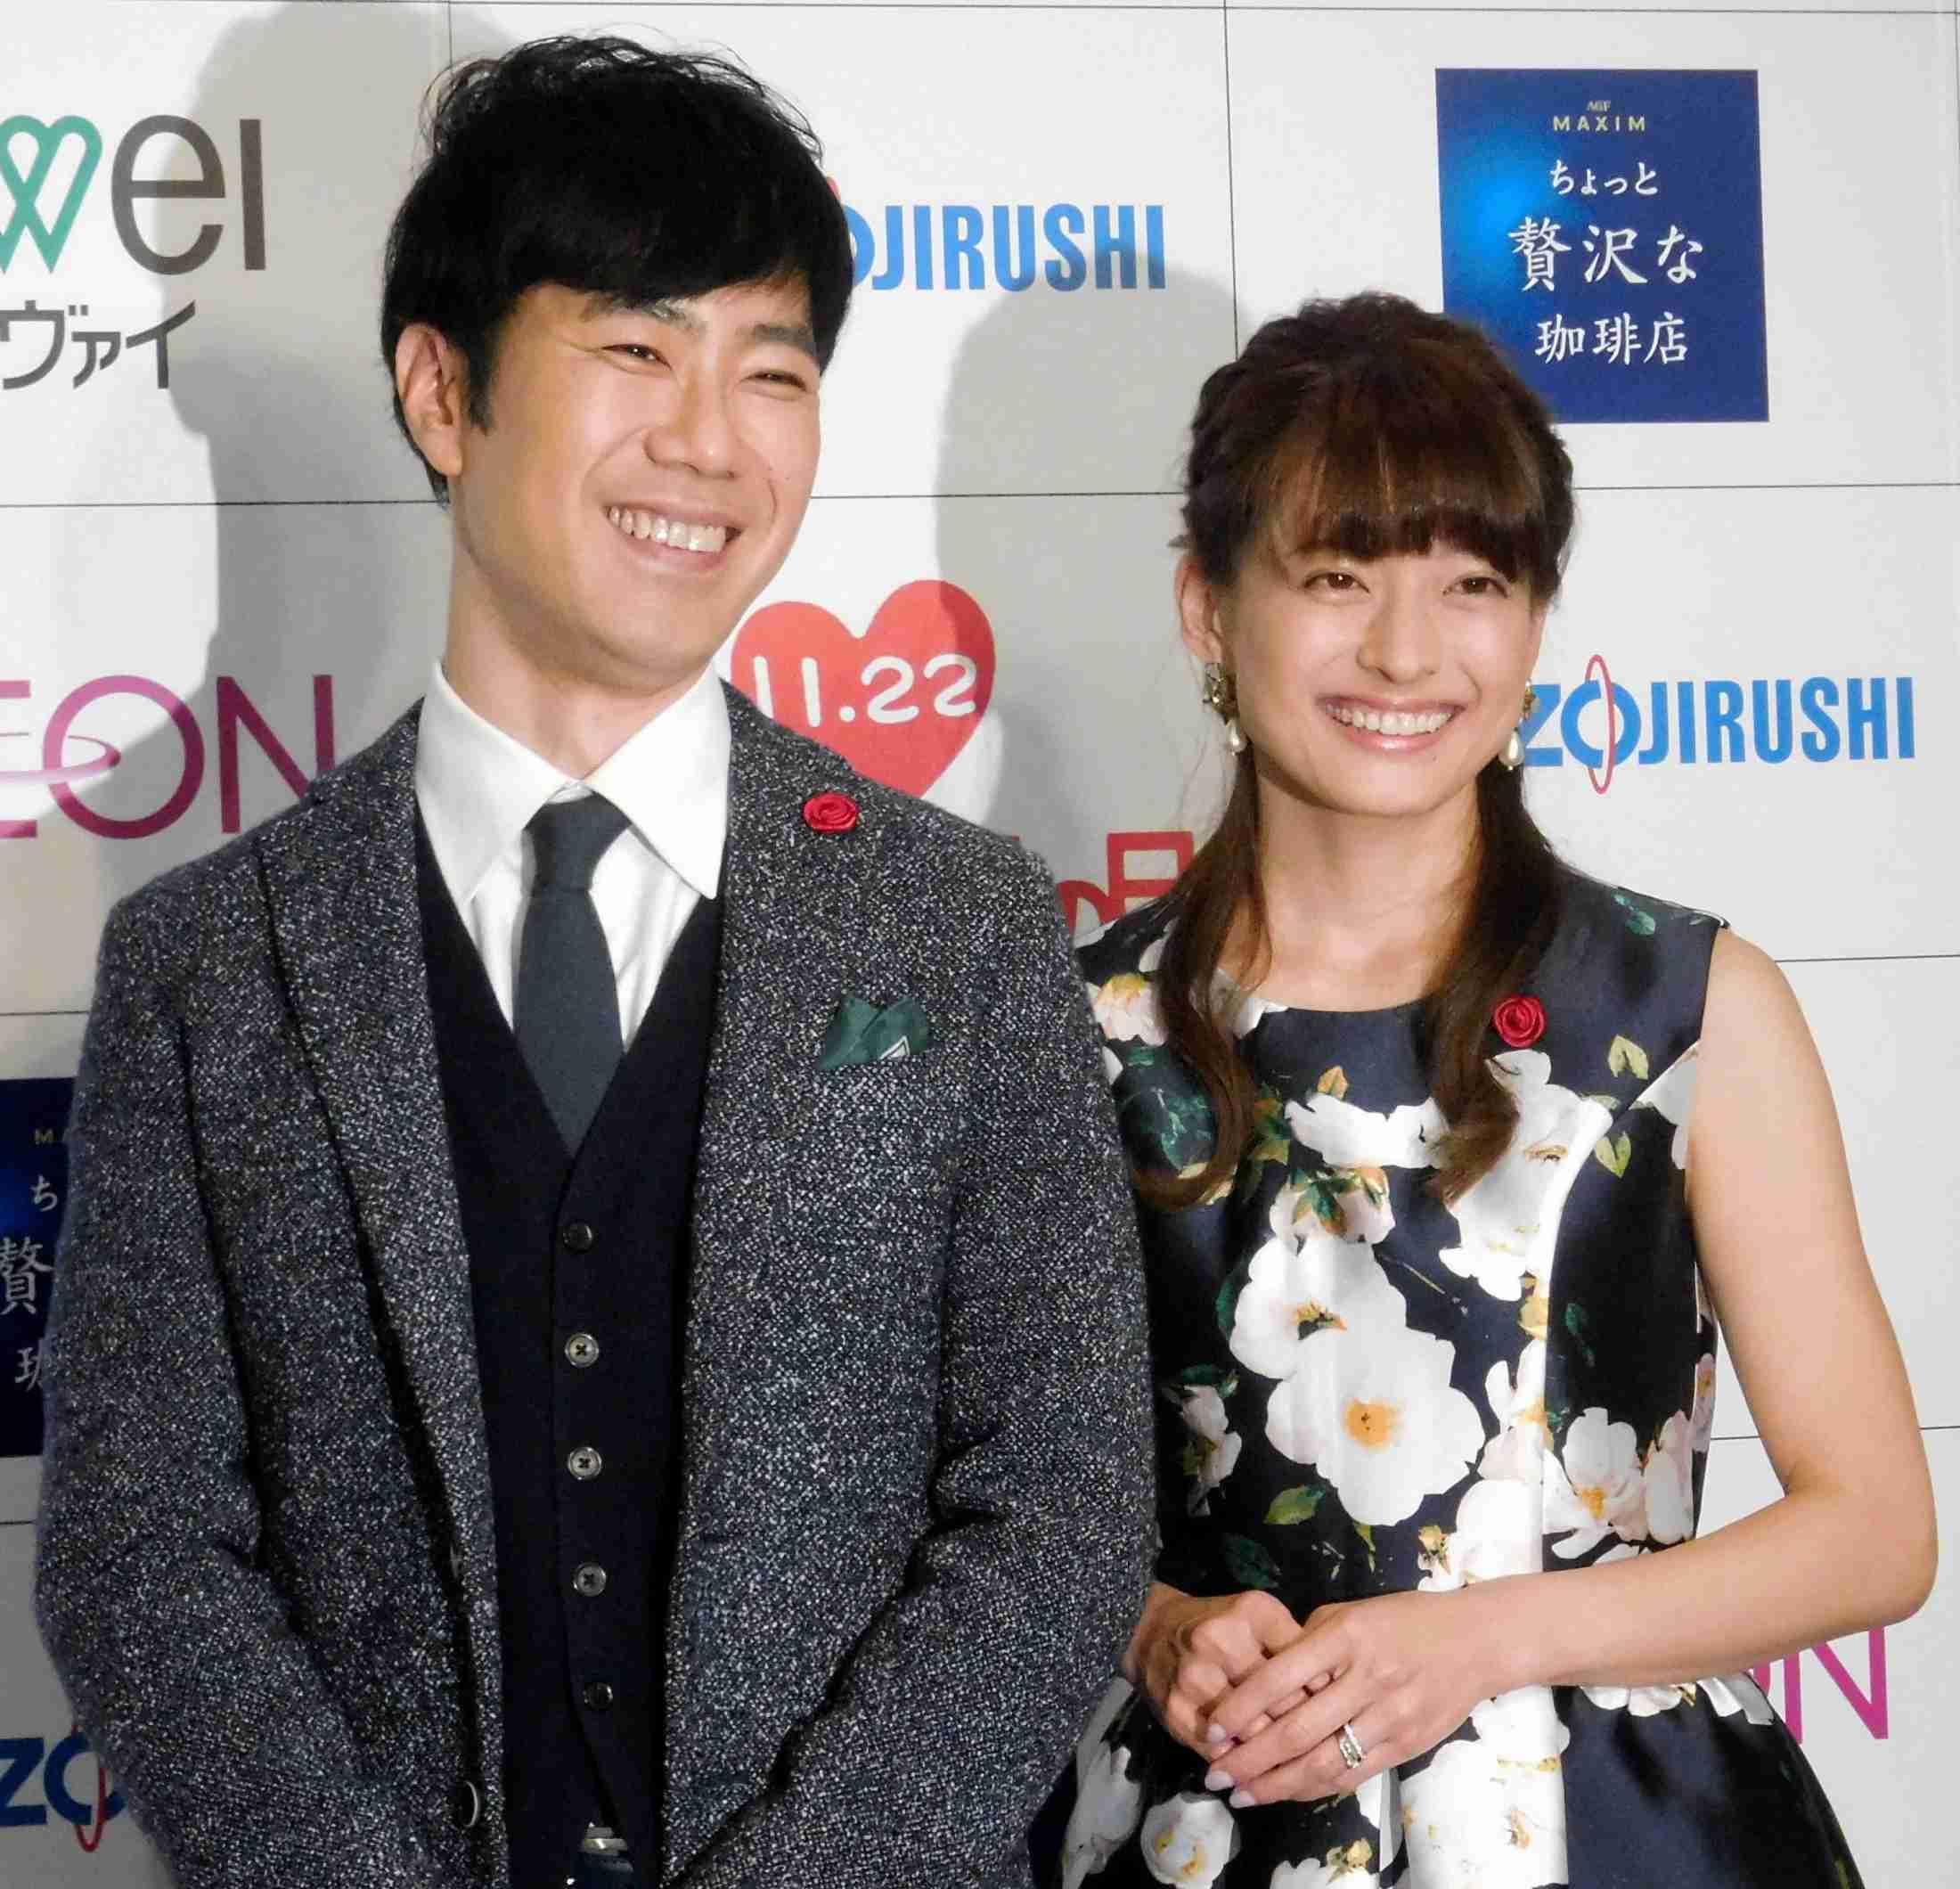 藤井隆 乙葉の顔が「すごい好き」 結婚11年も「髪の感じとか外見が好き」 (デイリースポーツ) - Yahoo!ニュース